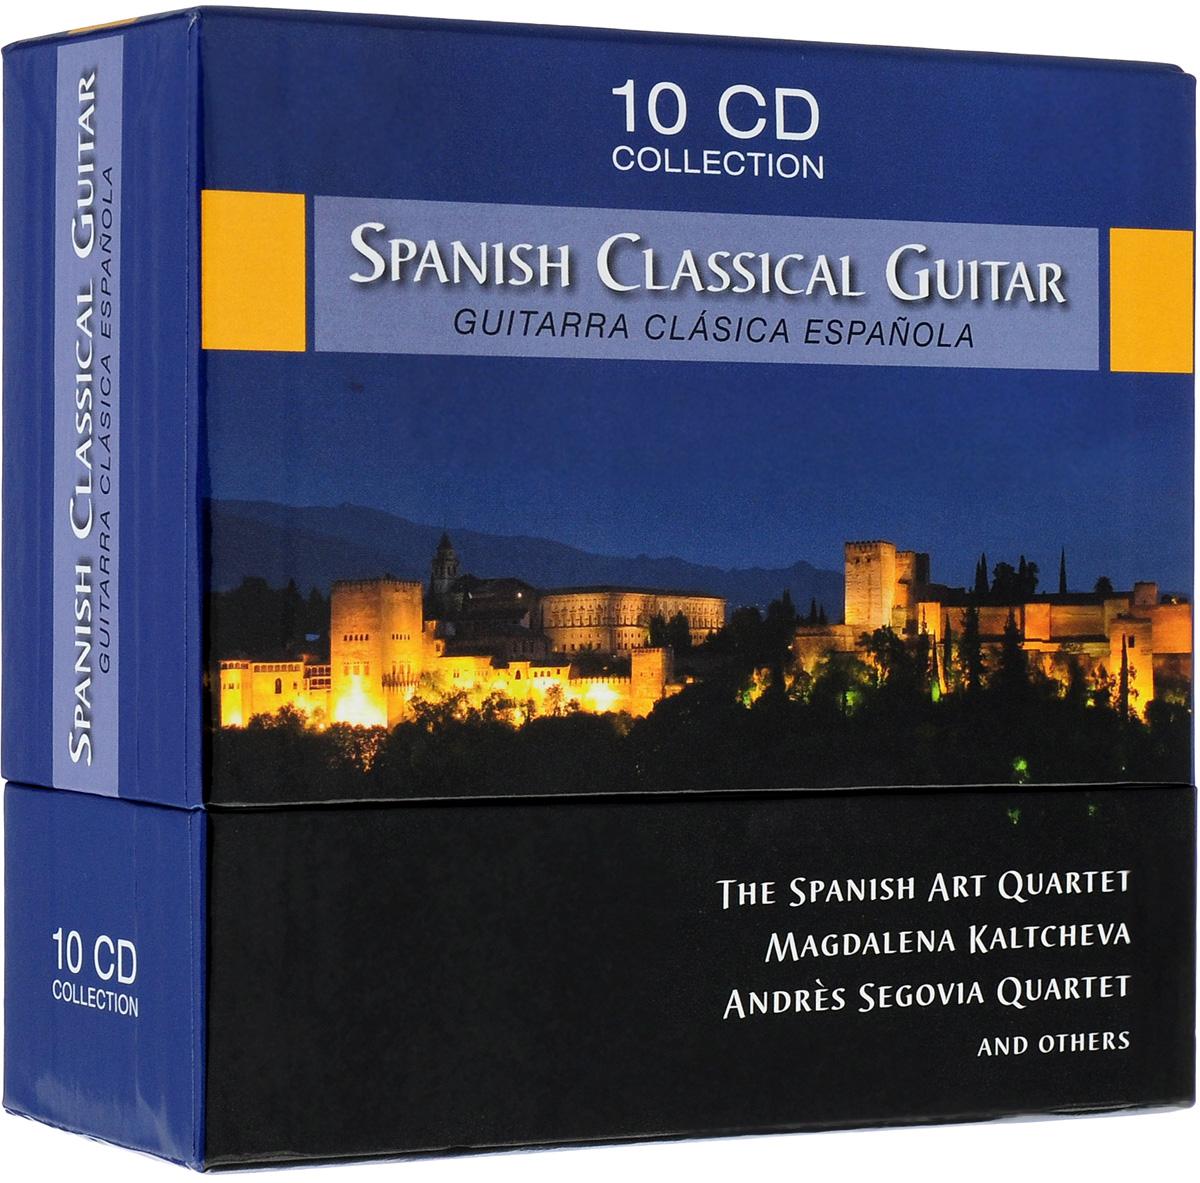 Spanish Art Guitar Quartet,Magdalena Kaltcheva,Andres Segovia Quartet Spanish Art Guitar Quartet, Magdalena Kaltcheva, Andres Segovia Quartet. Spanish Classical Guitar (10 CD) magdalena george hals